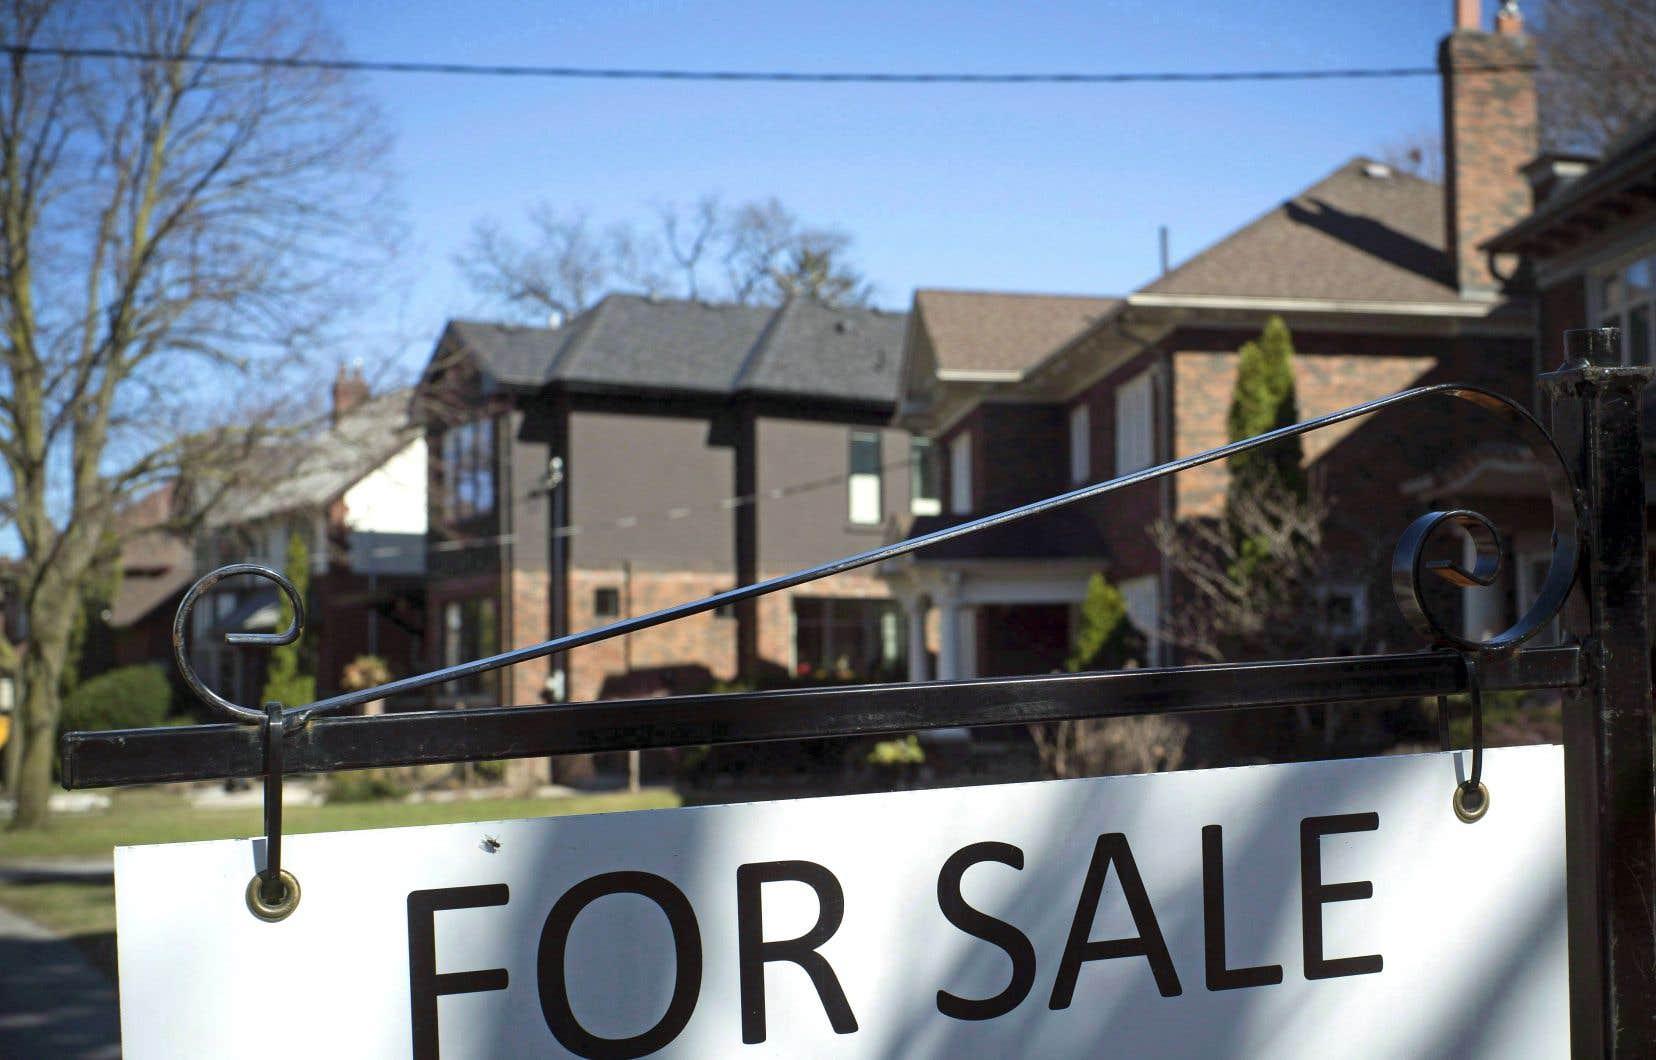 Le nombre de nouvelles inscriptions à la vente à Toronto a diminué de 3%.